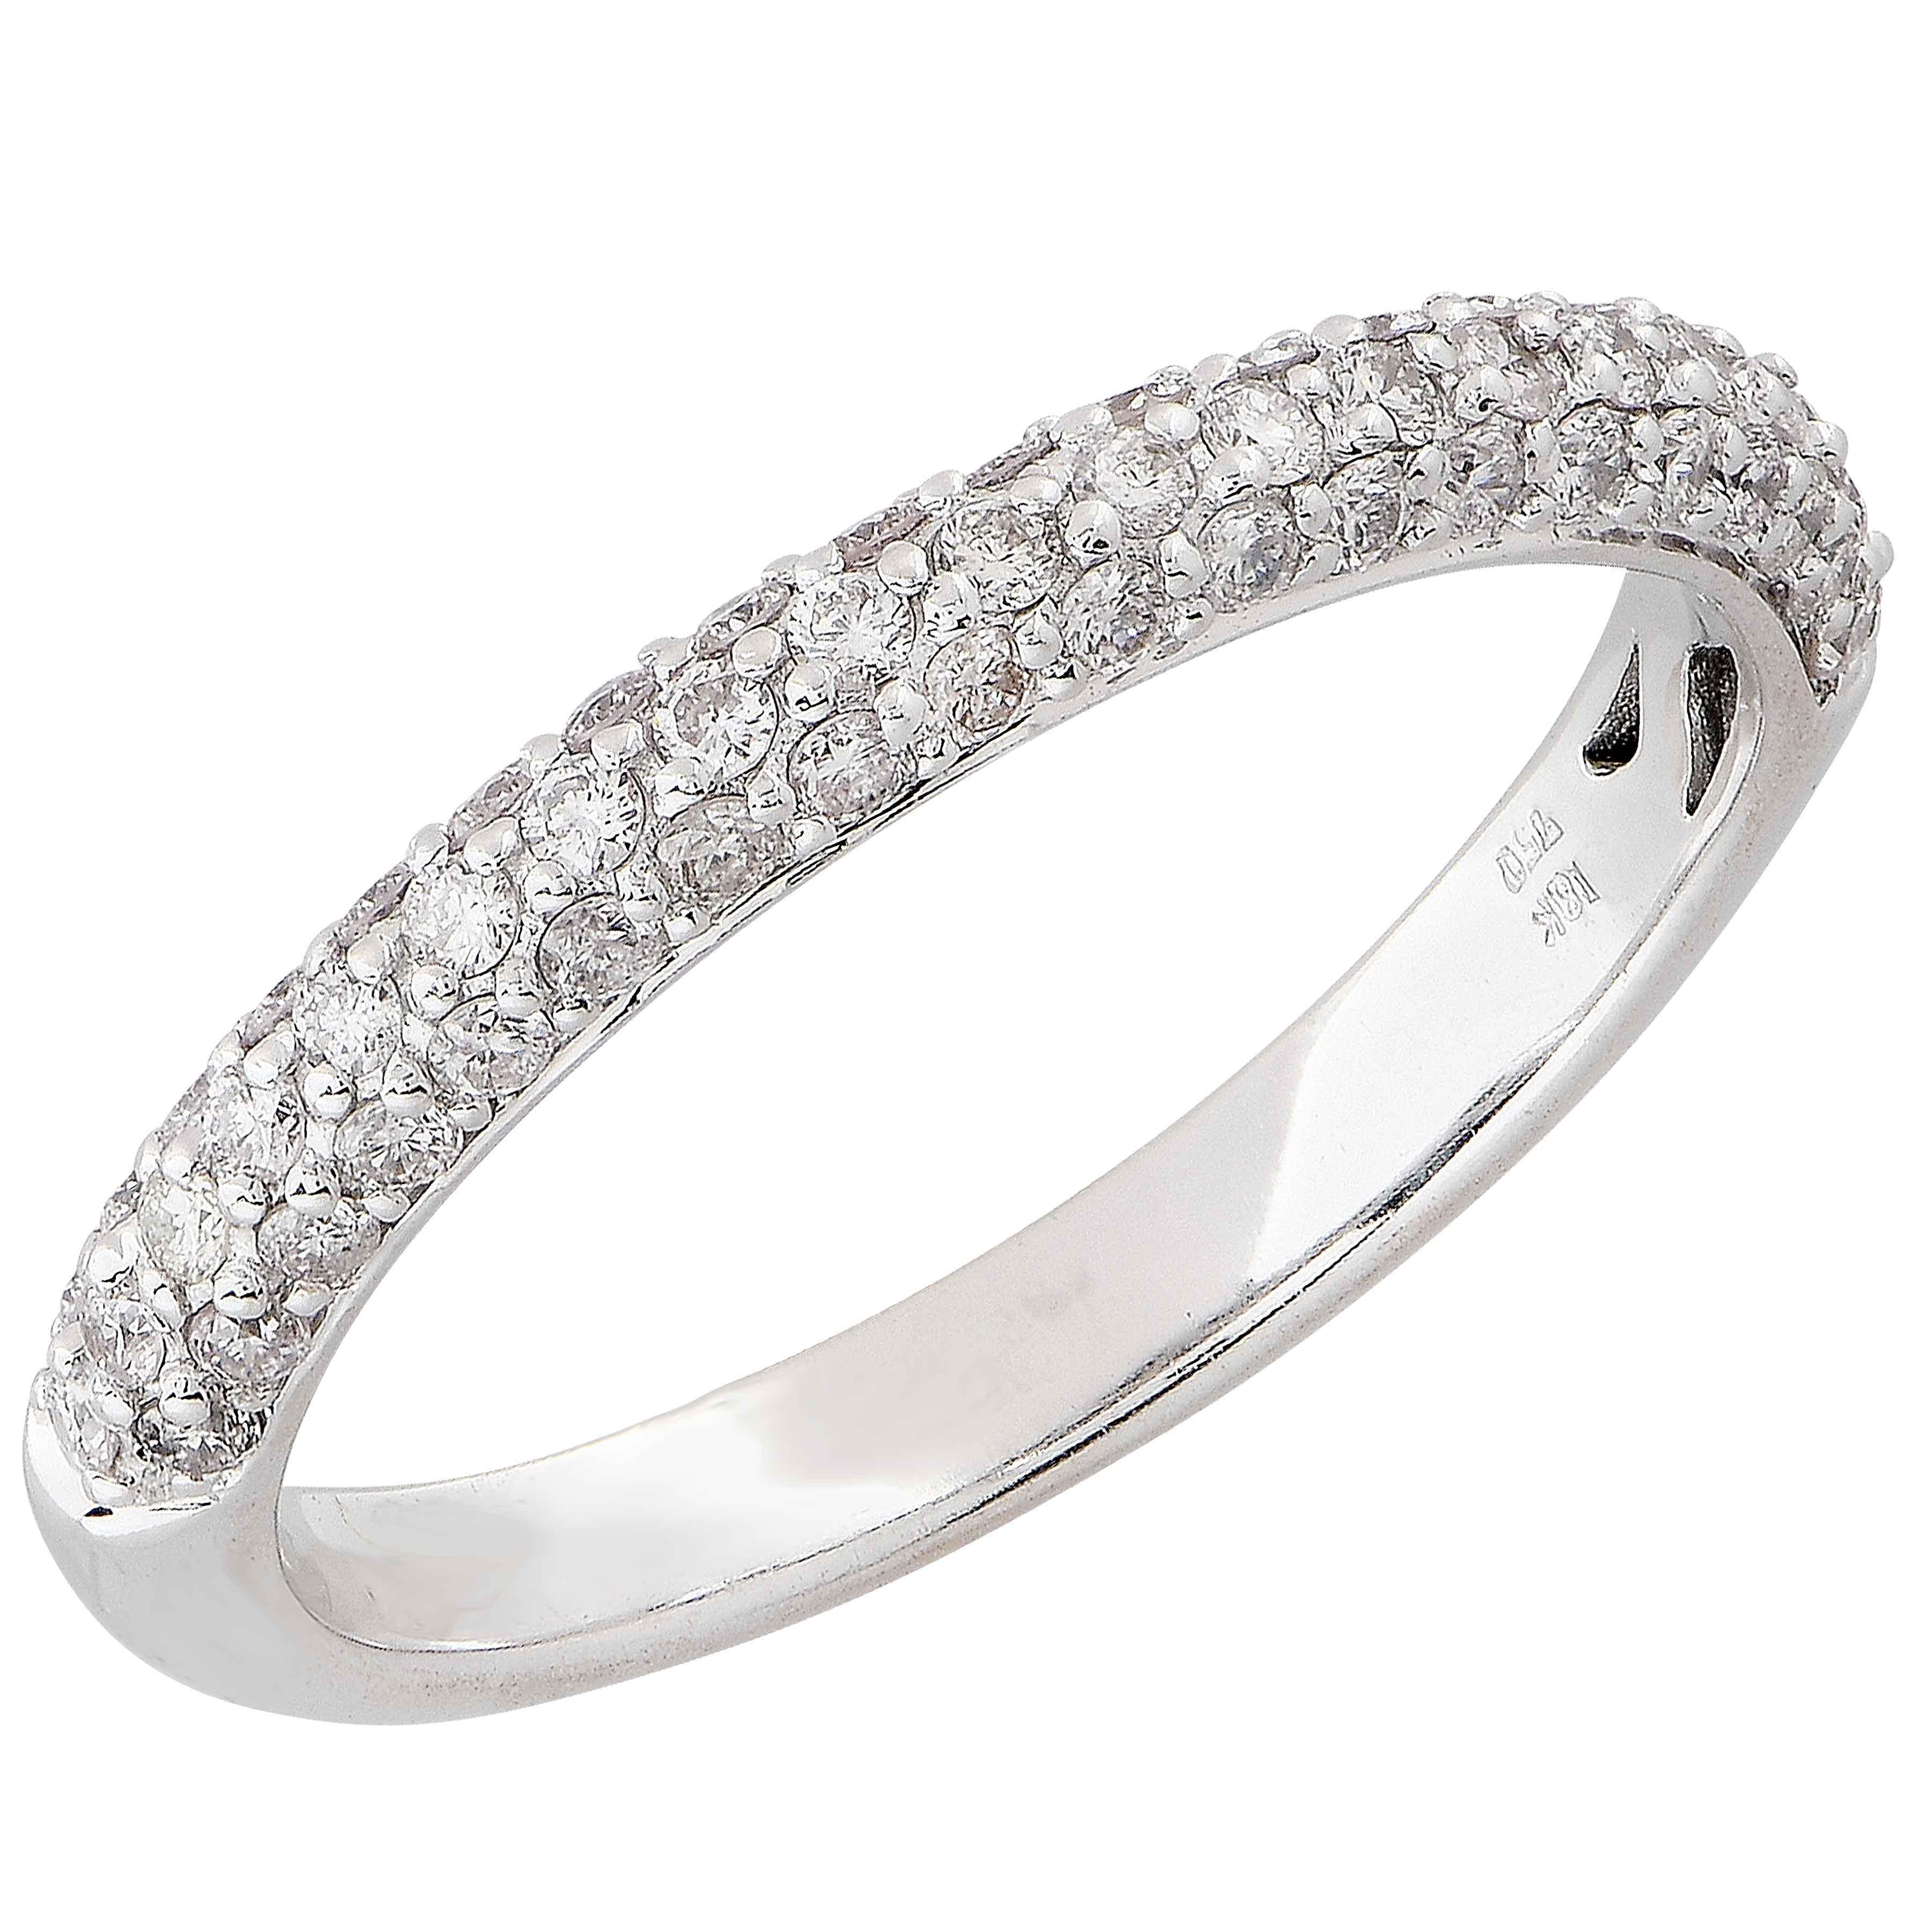 .50 Carat Diamond Band in 18 Karat White Gold